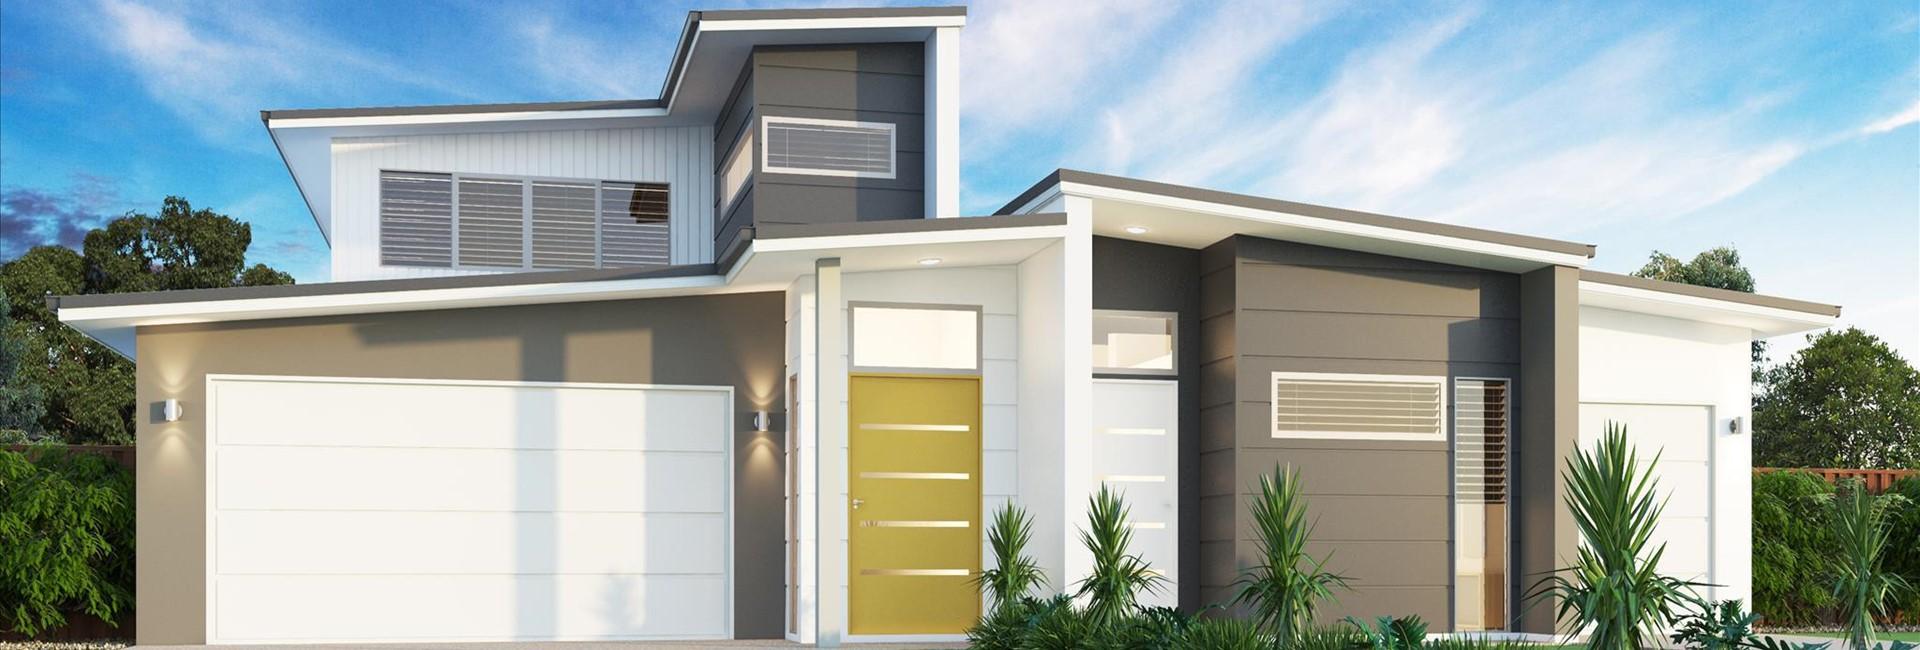 Duplex House Plans Australia